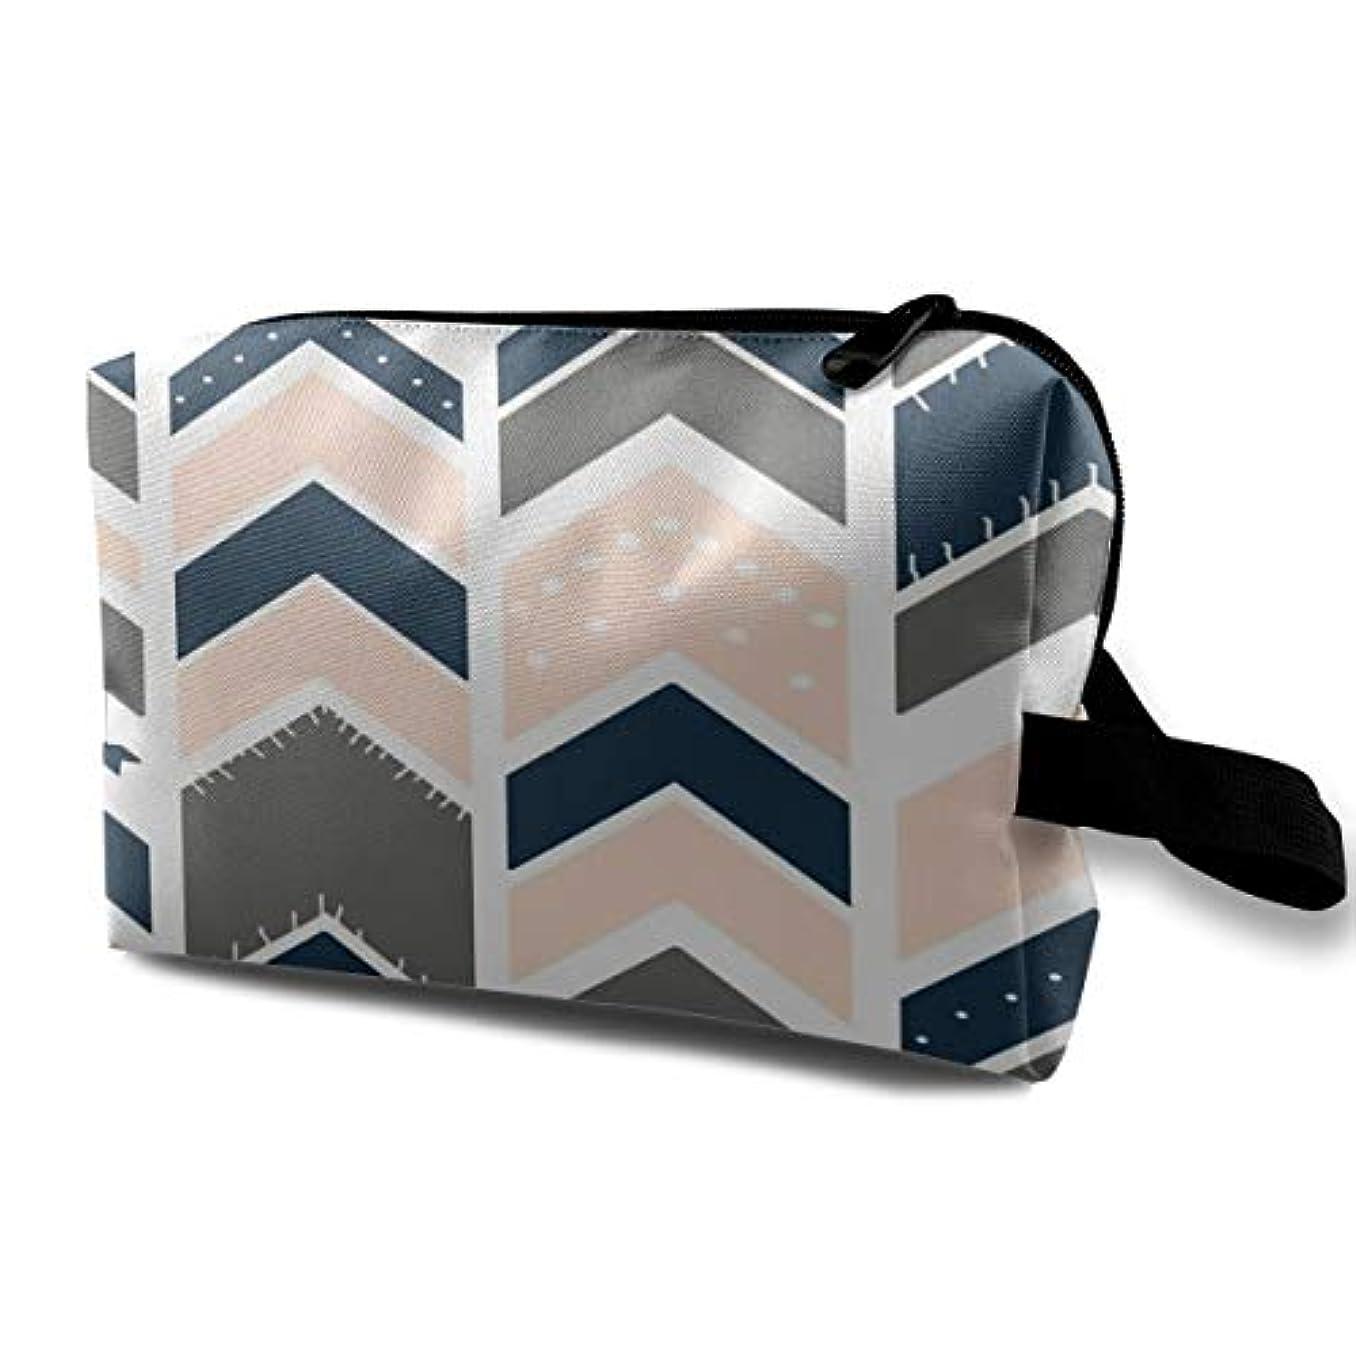 生産的不倫リア王Arrows Blush Gray Navy 収納ポーチ 化粧ポーチ 大容量 軽量 耐久性 ハンドル付持ち運び便利。入れ 自宅?出張?旅行?アウトドア撮影などに対応。メンズ レディース トラベルグッズ